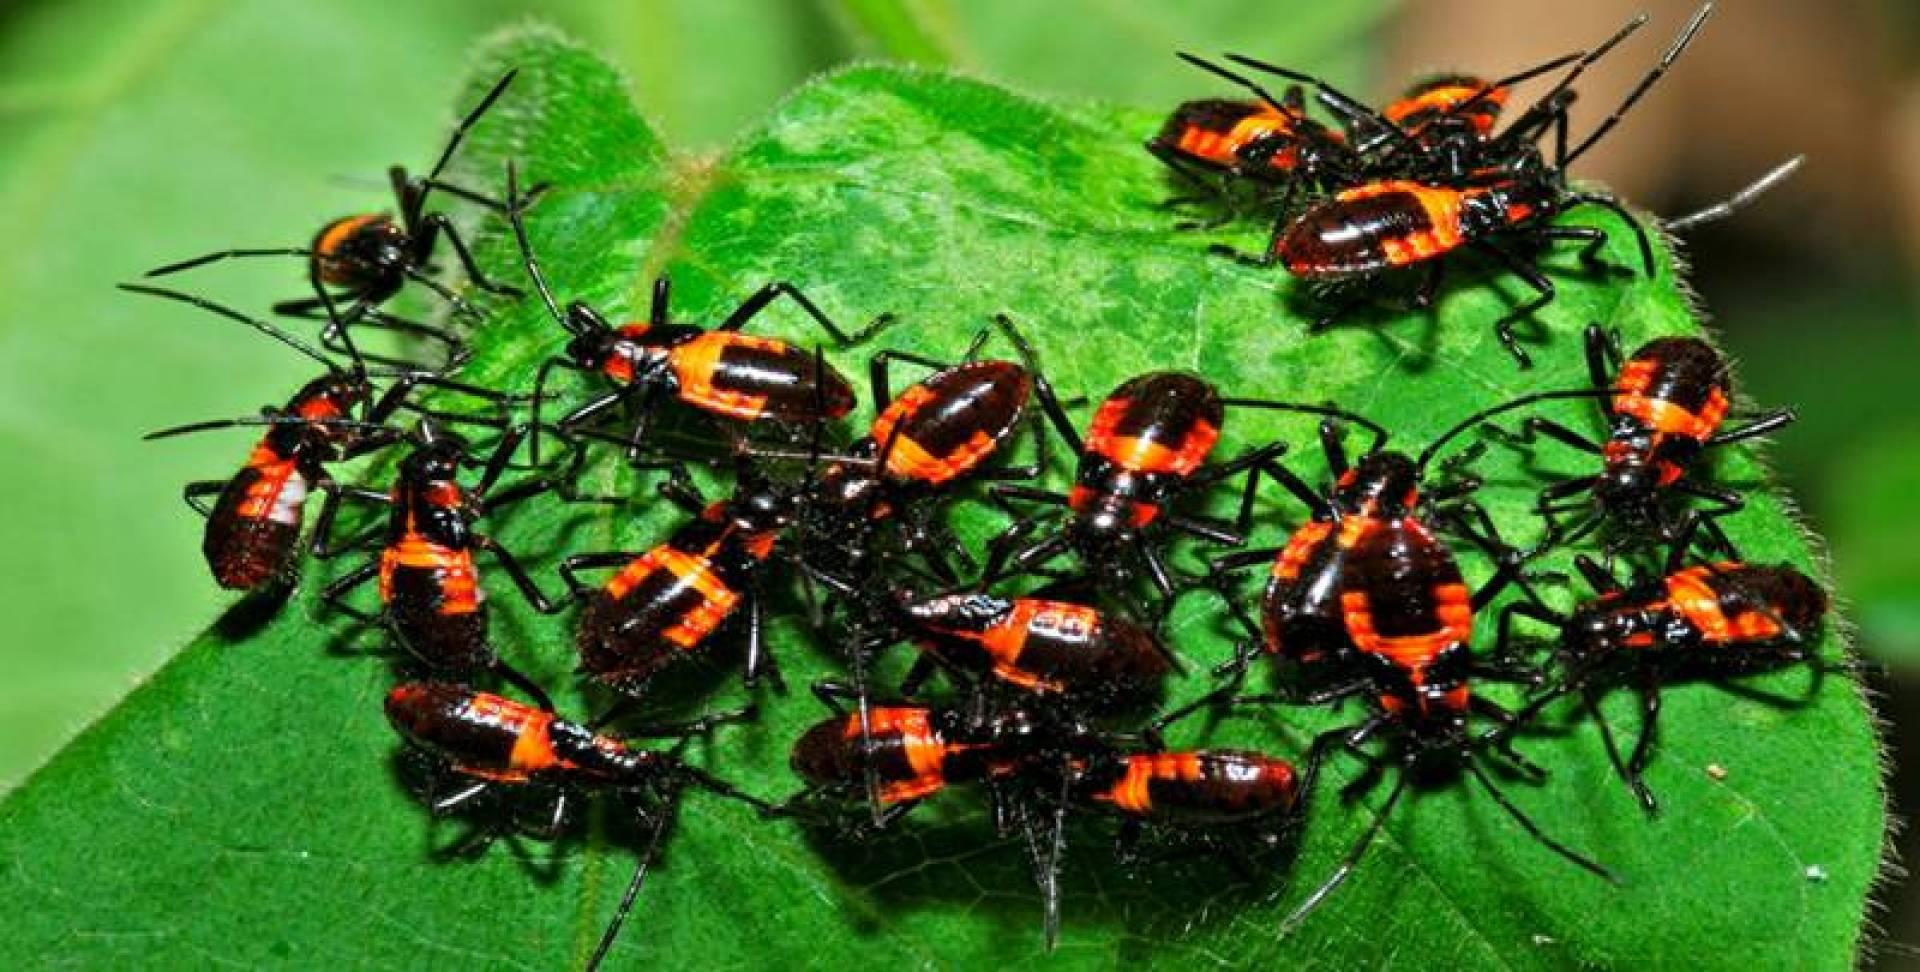 ماذا لو اختفت الحشرات ؟